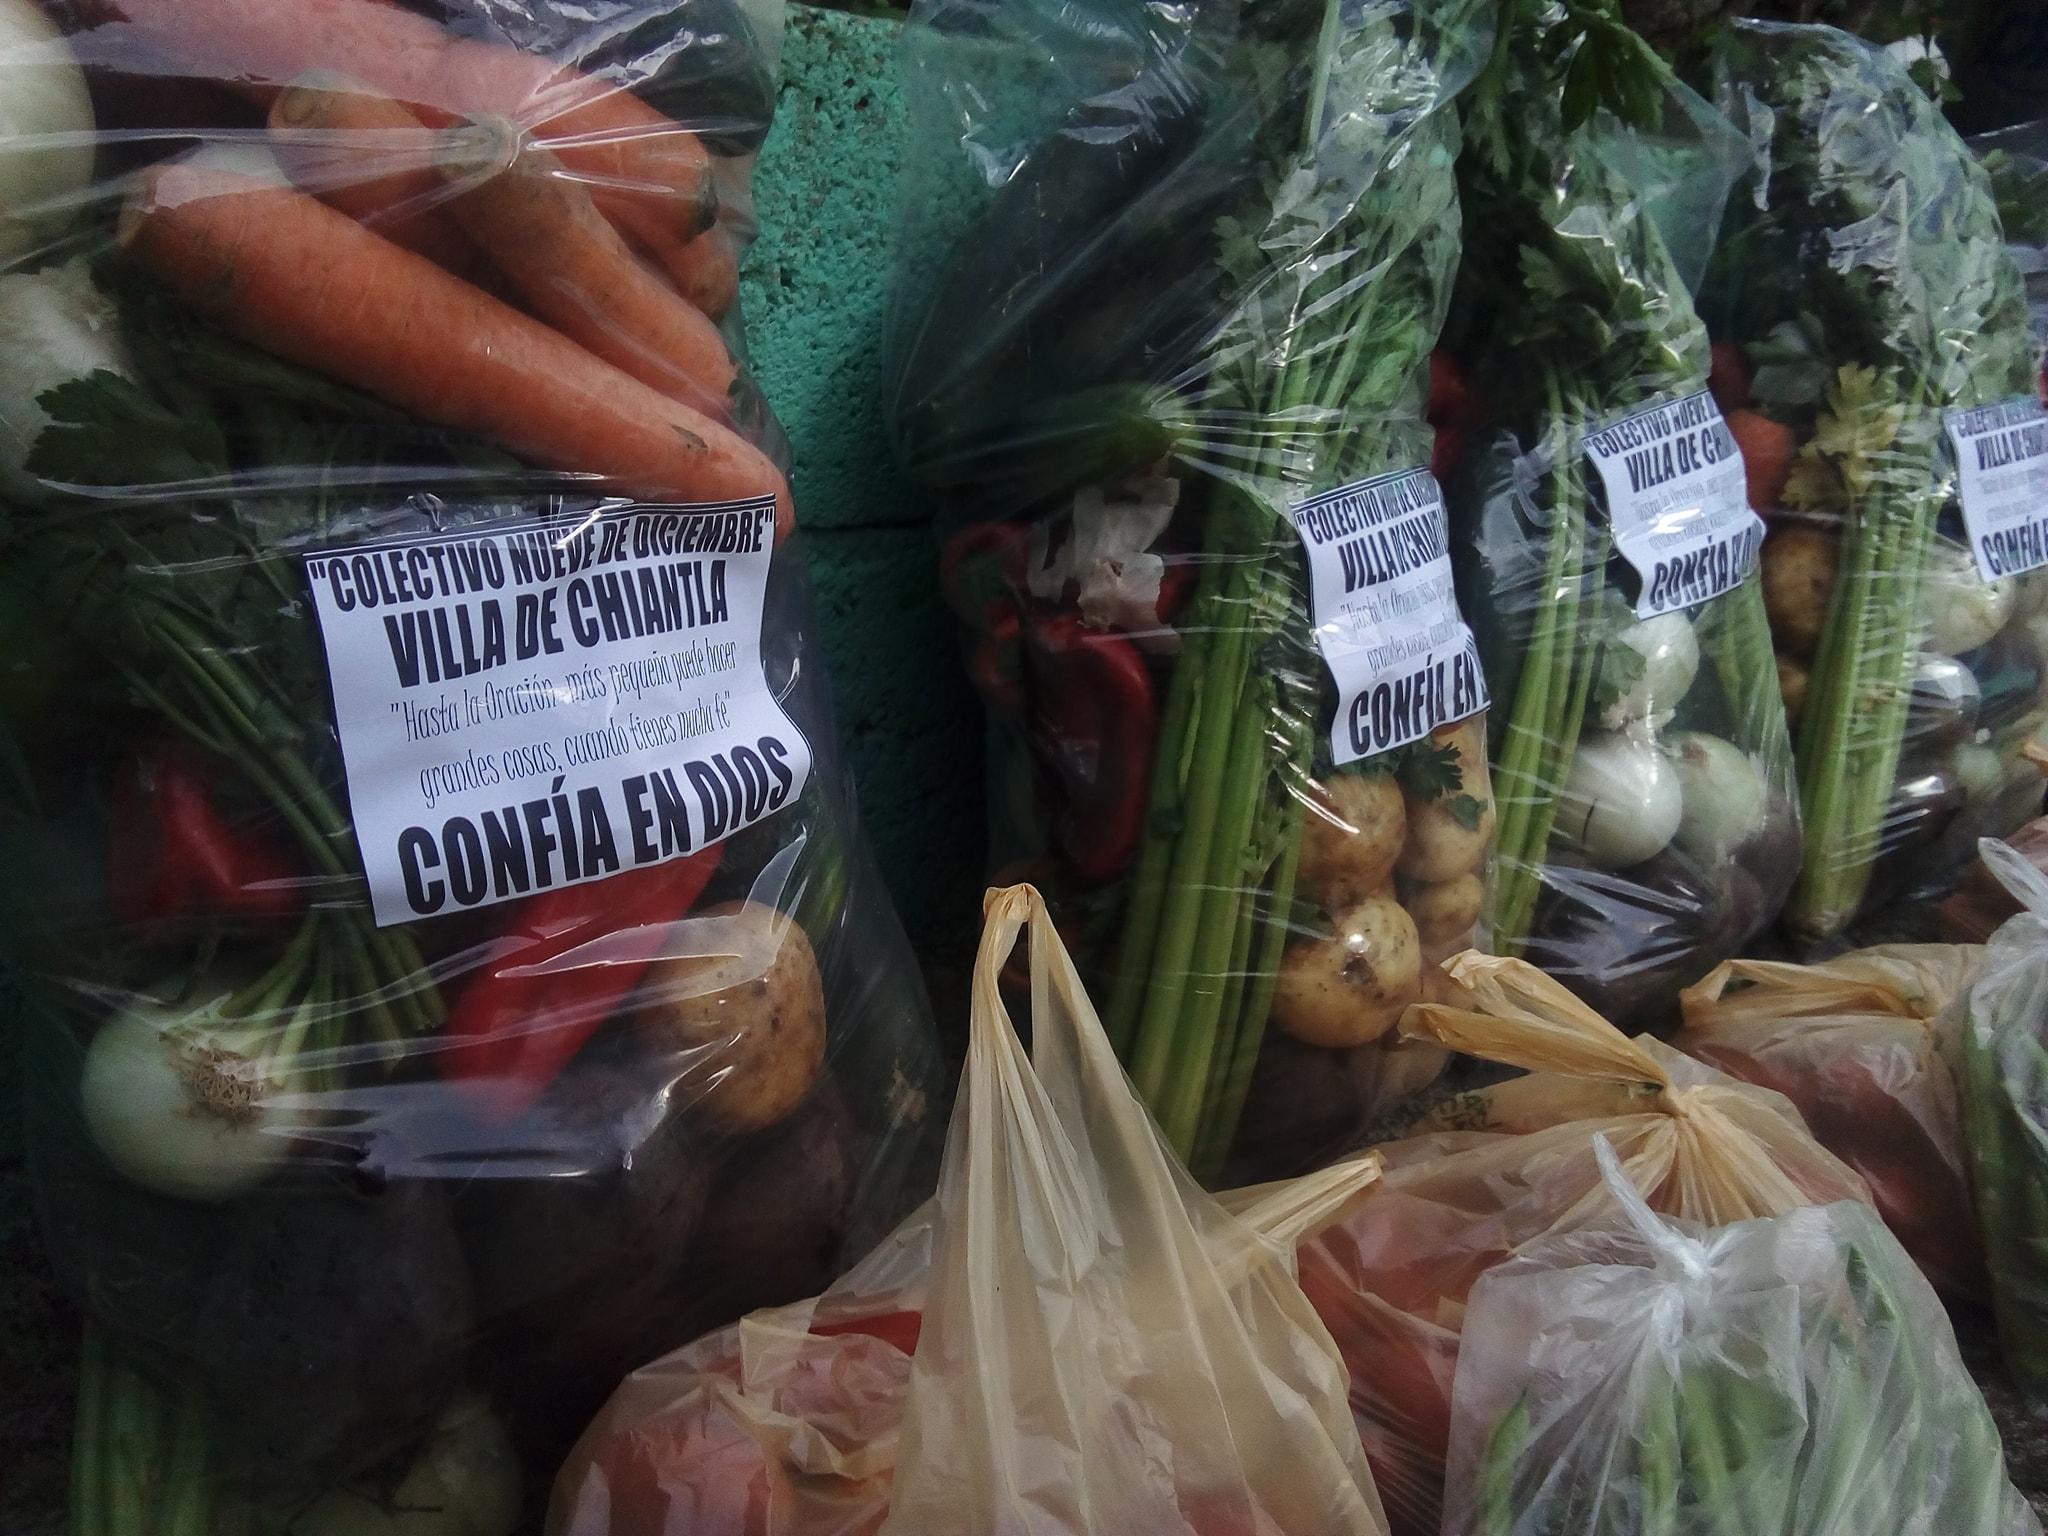 Colectivo Nueve de Diciembre regaló verduras a familias guatemaltecas que están en cuarentena Huehuetenango